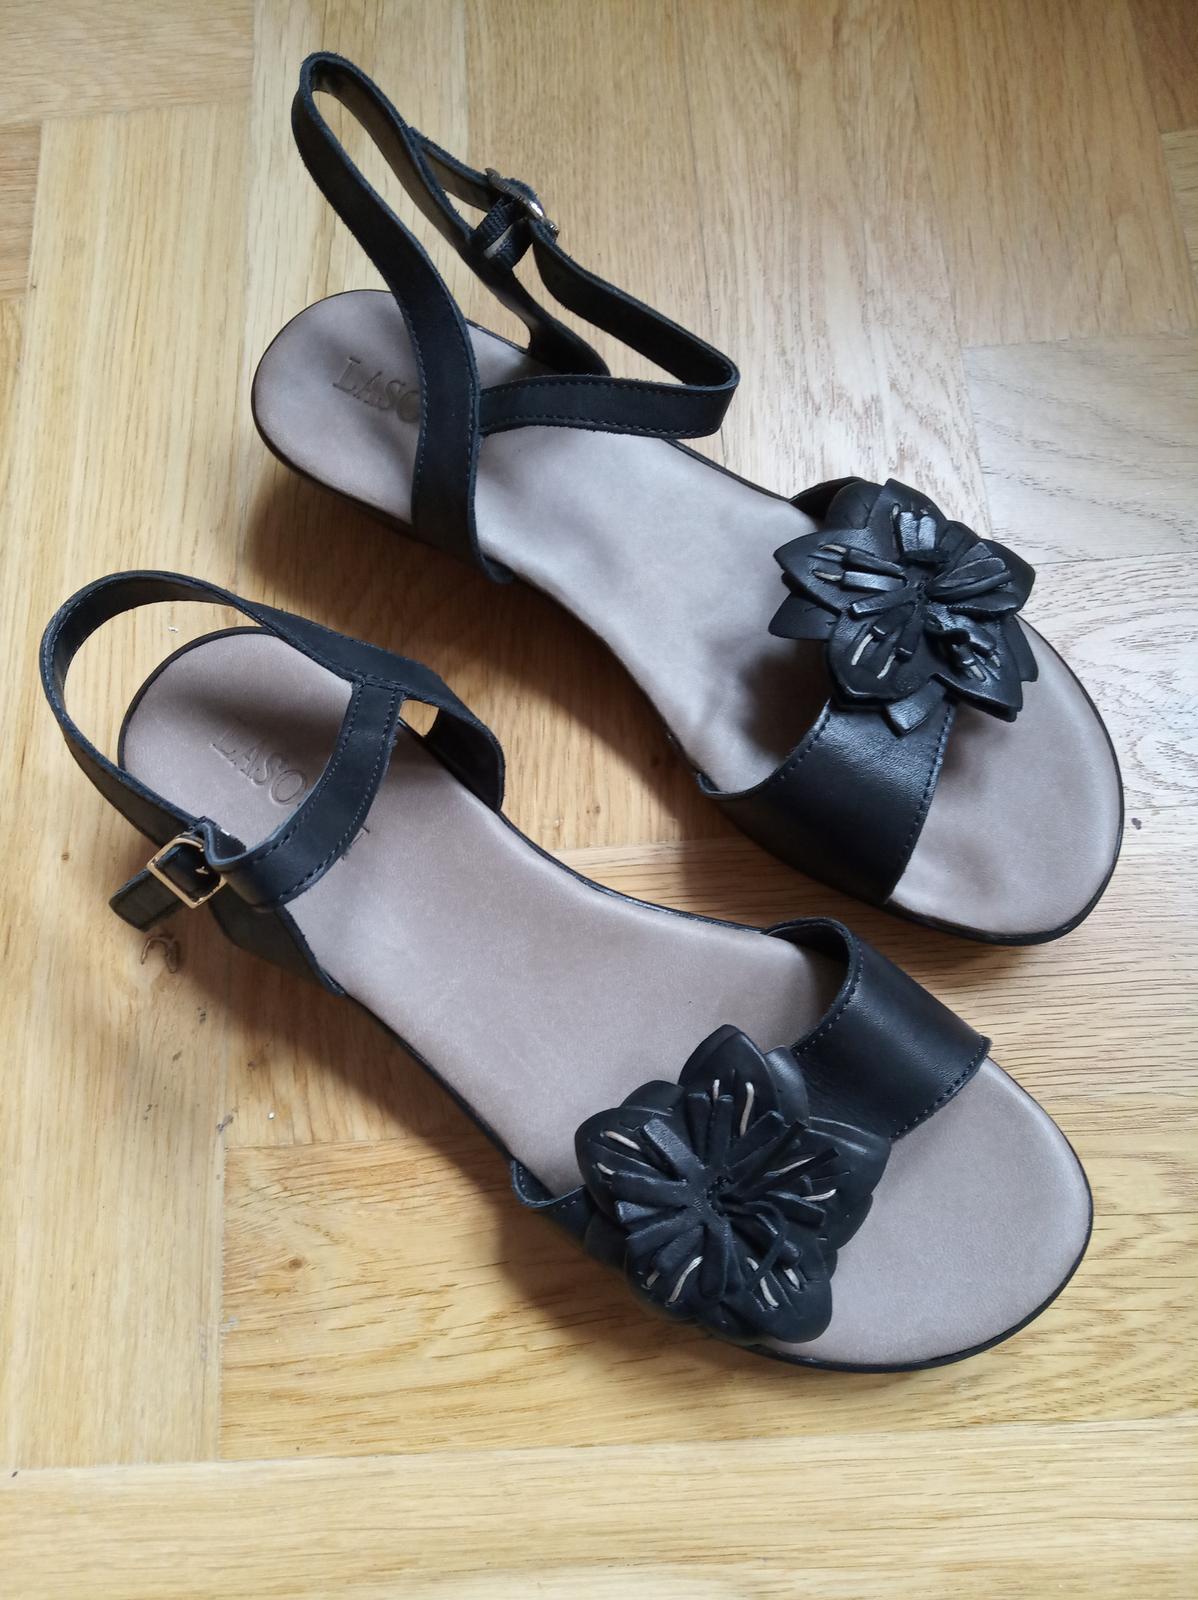 Černé páskové sandále na klínku dámské 39 - Obrázek č. 1